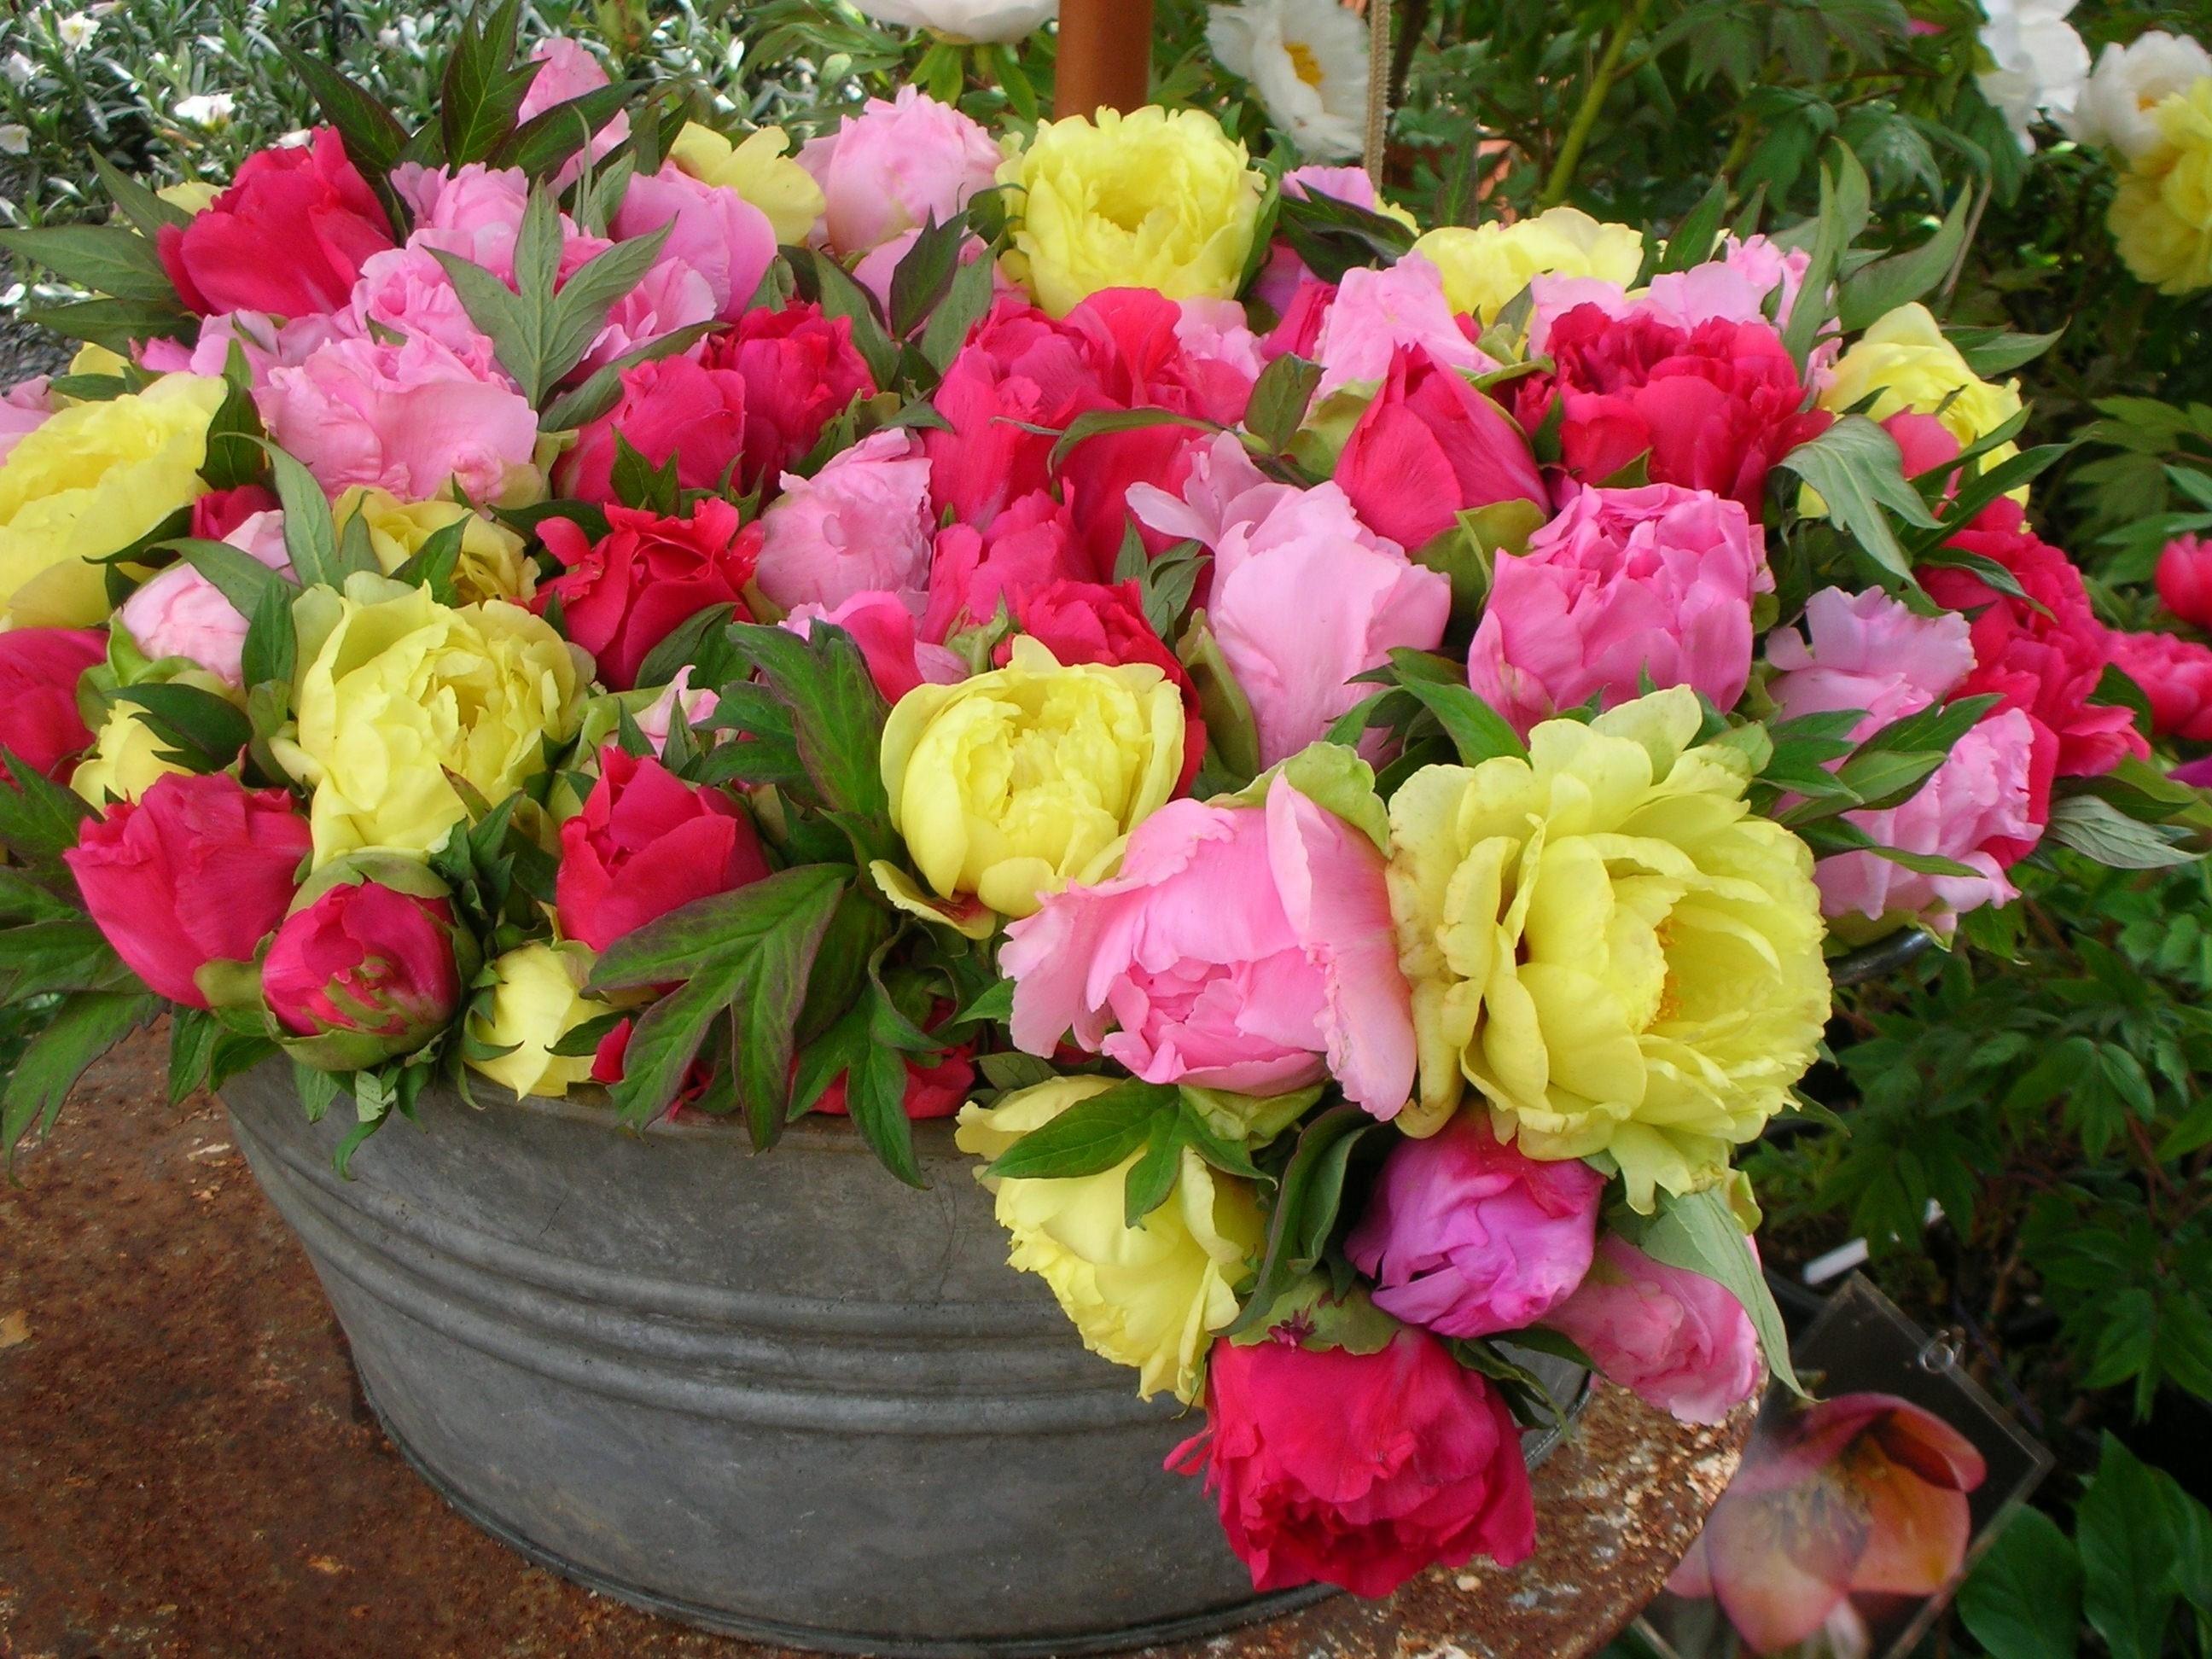 Peonia erbacea piante da giardino caratteristiche della peonia erbacea - Rose coltivazione in giardino ...